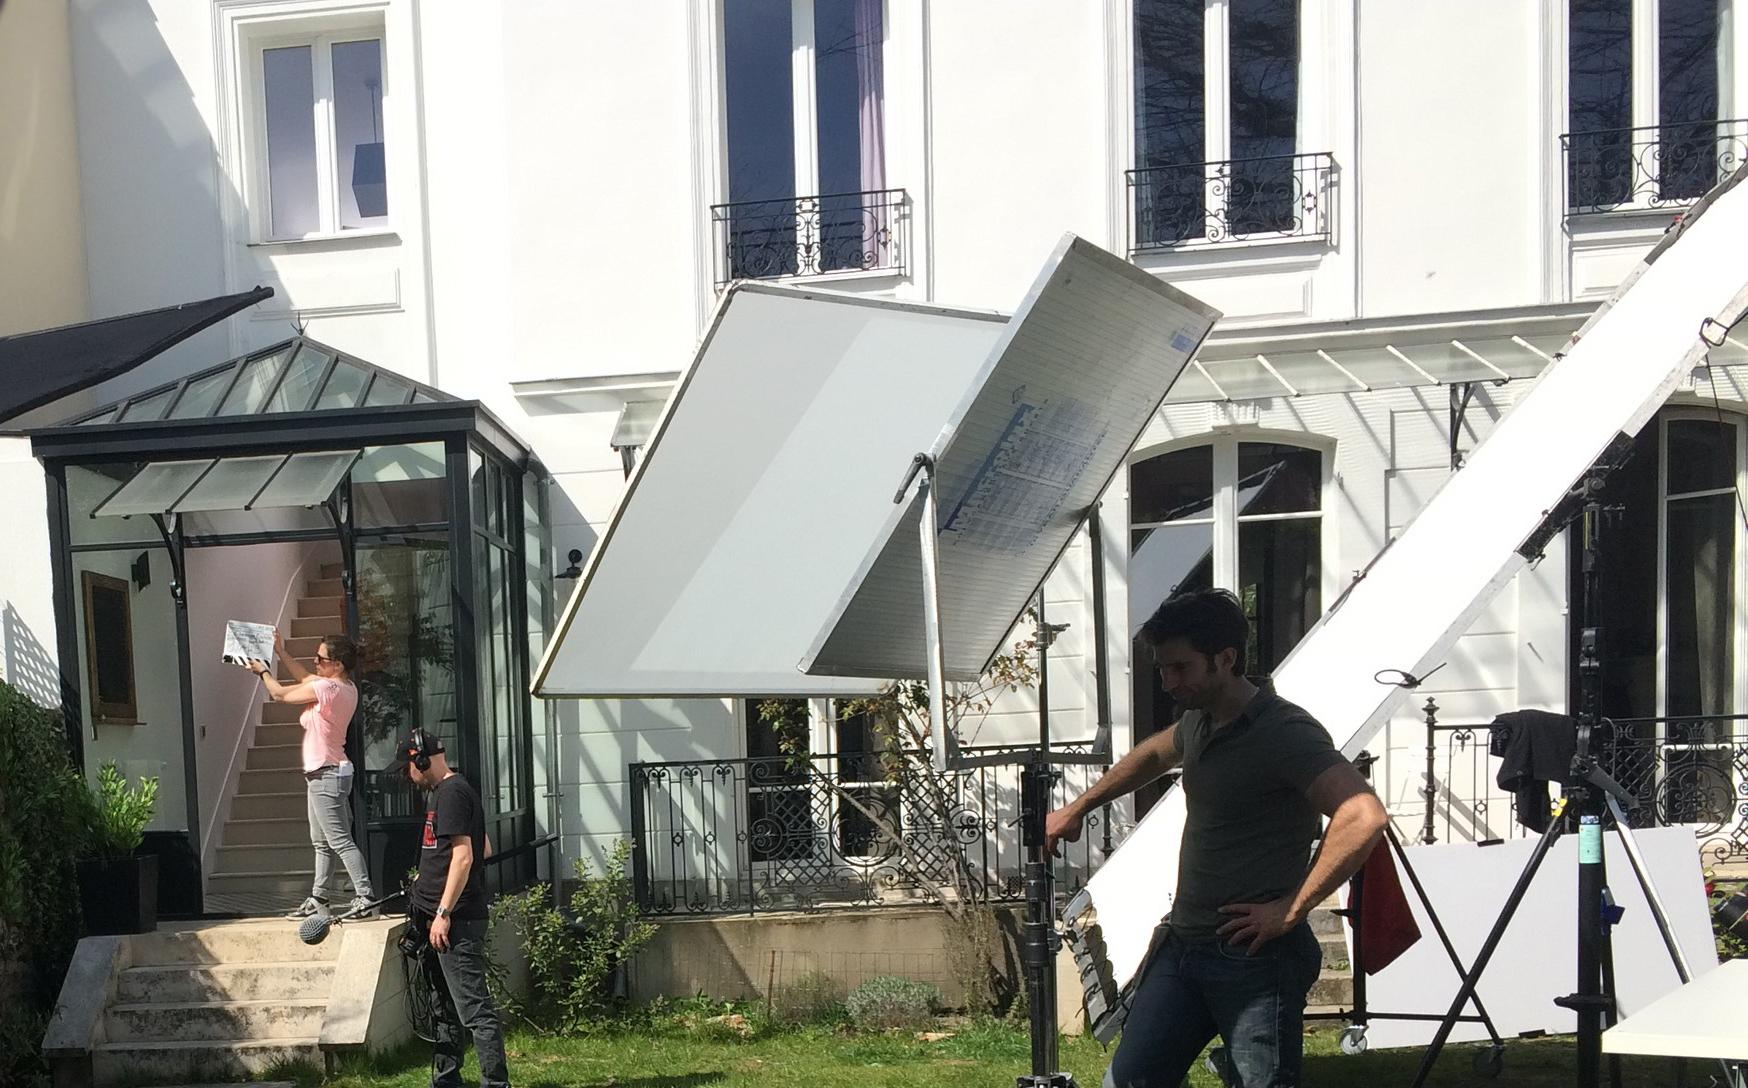 Exterieur de la maison, tournage de la scène 1